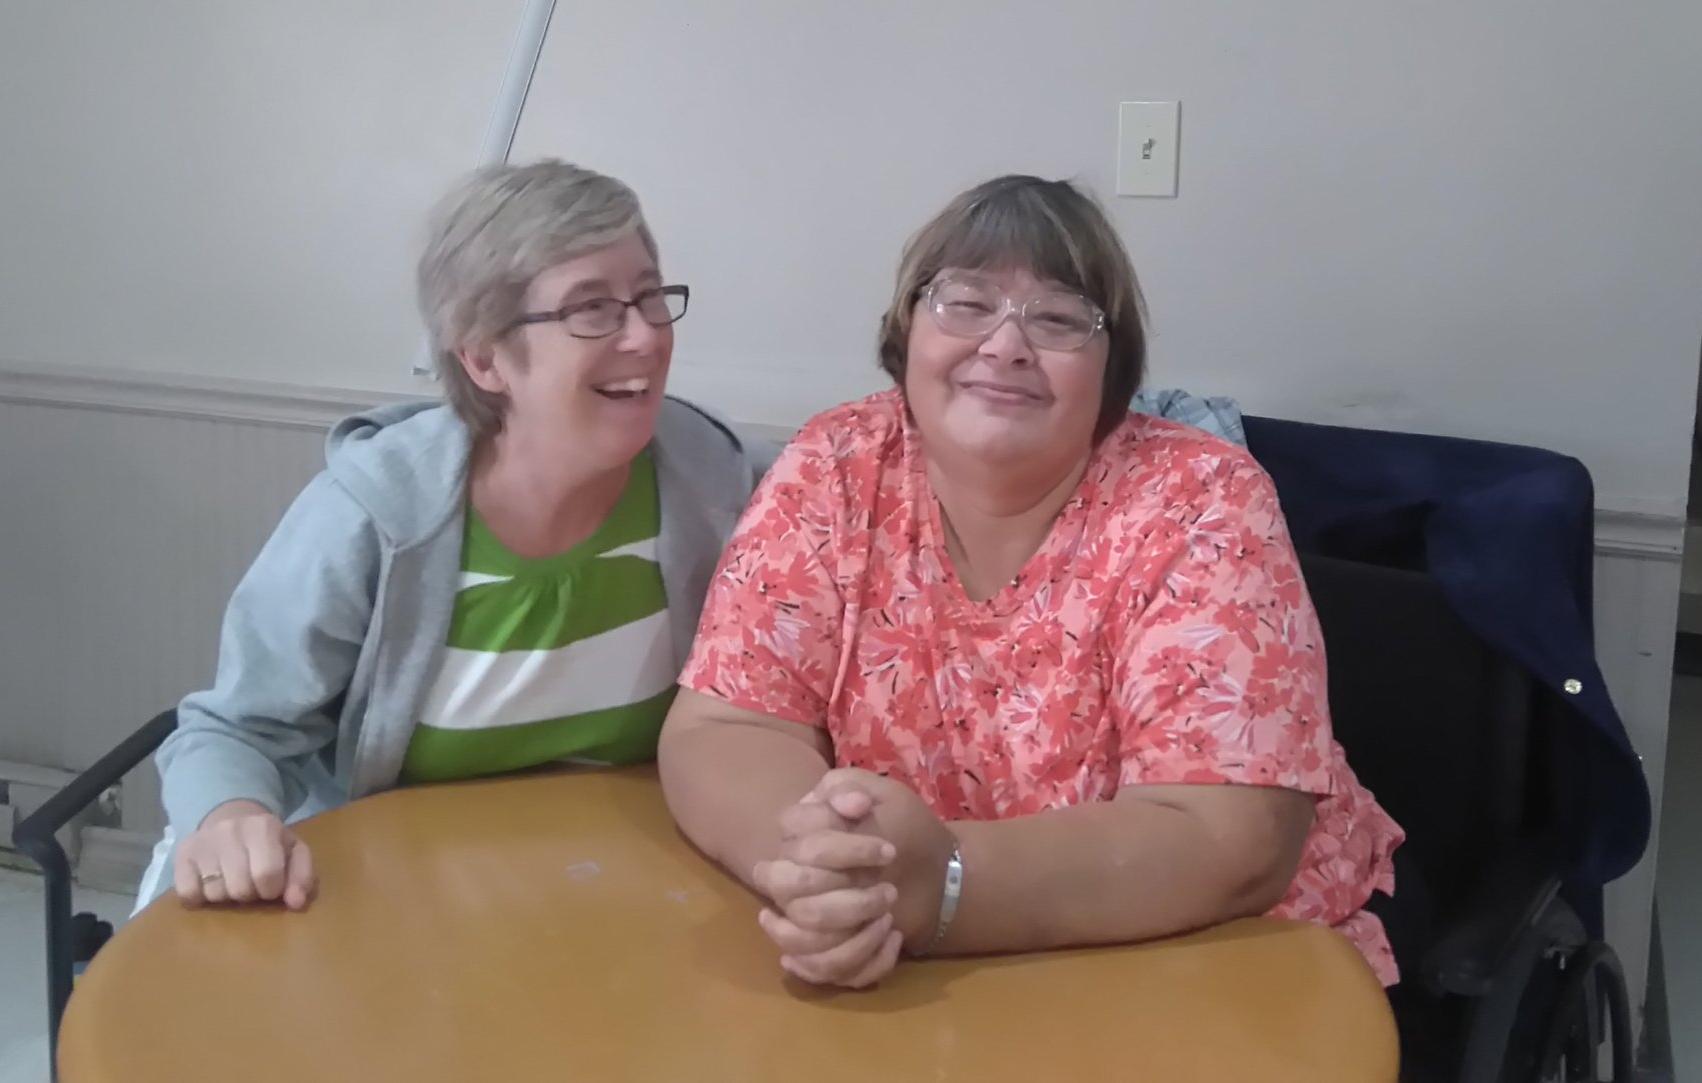 Lorna(L) & Barb(R).JPG